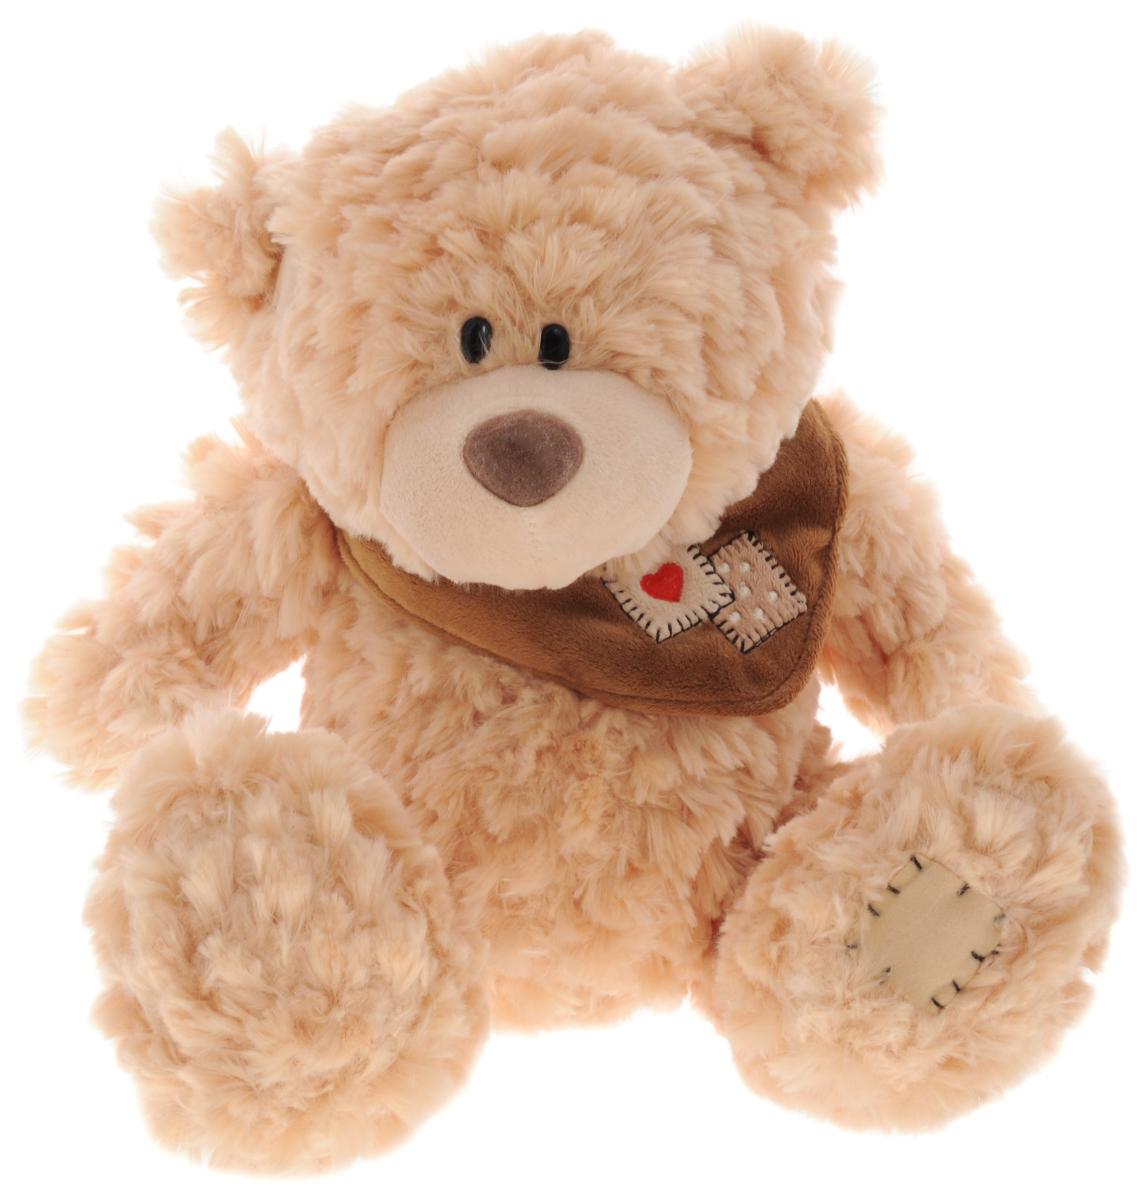 Plush Apple Мягкая музыкальная игрушка Медведь с шарфом цвет светло-рыжий 41 см